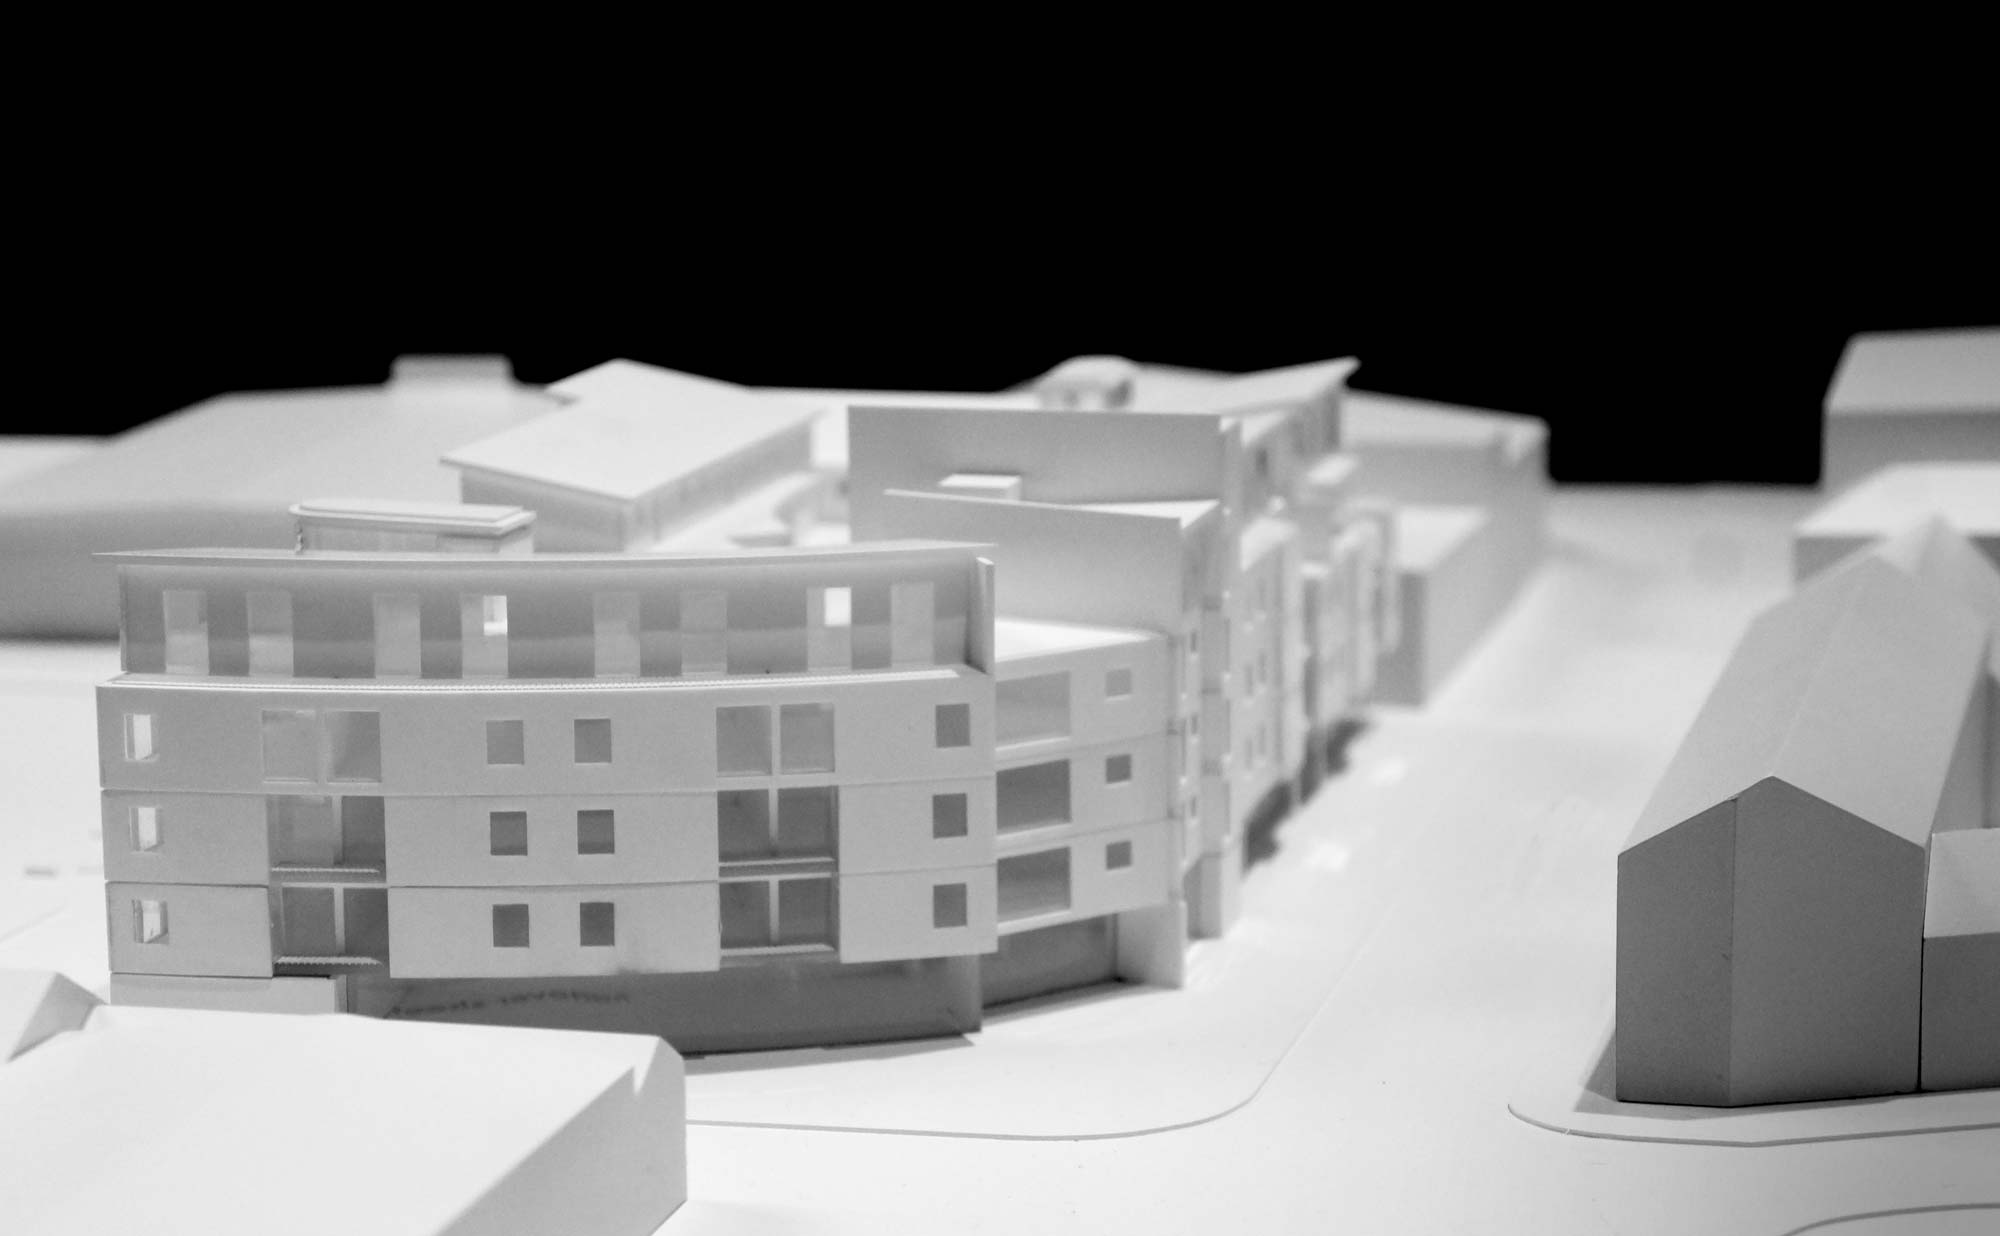 residential development model 3